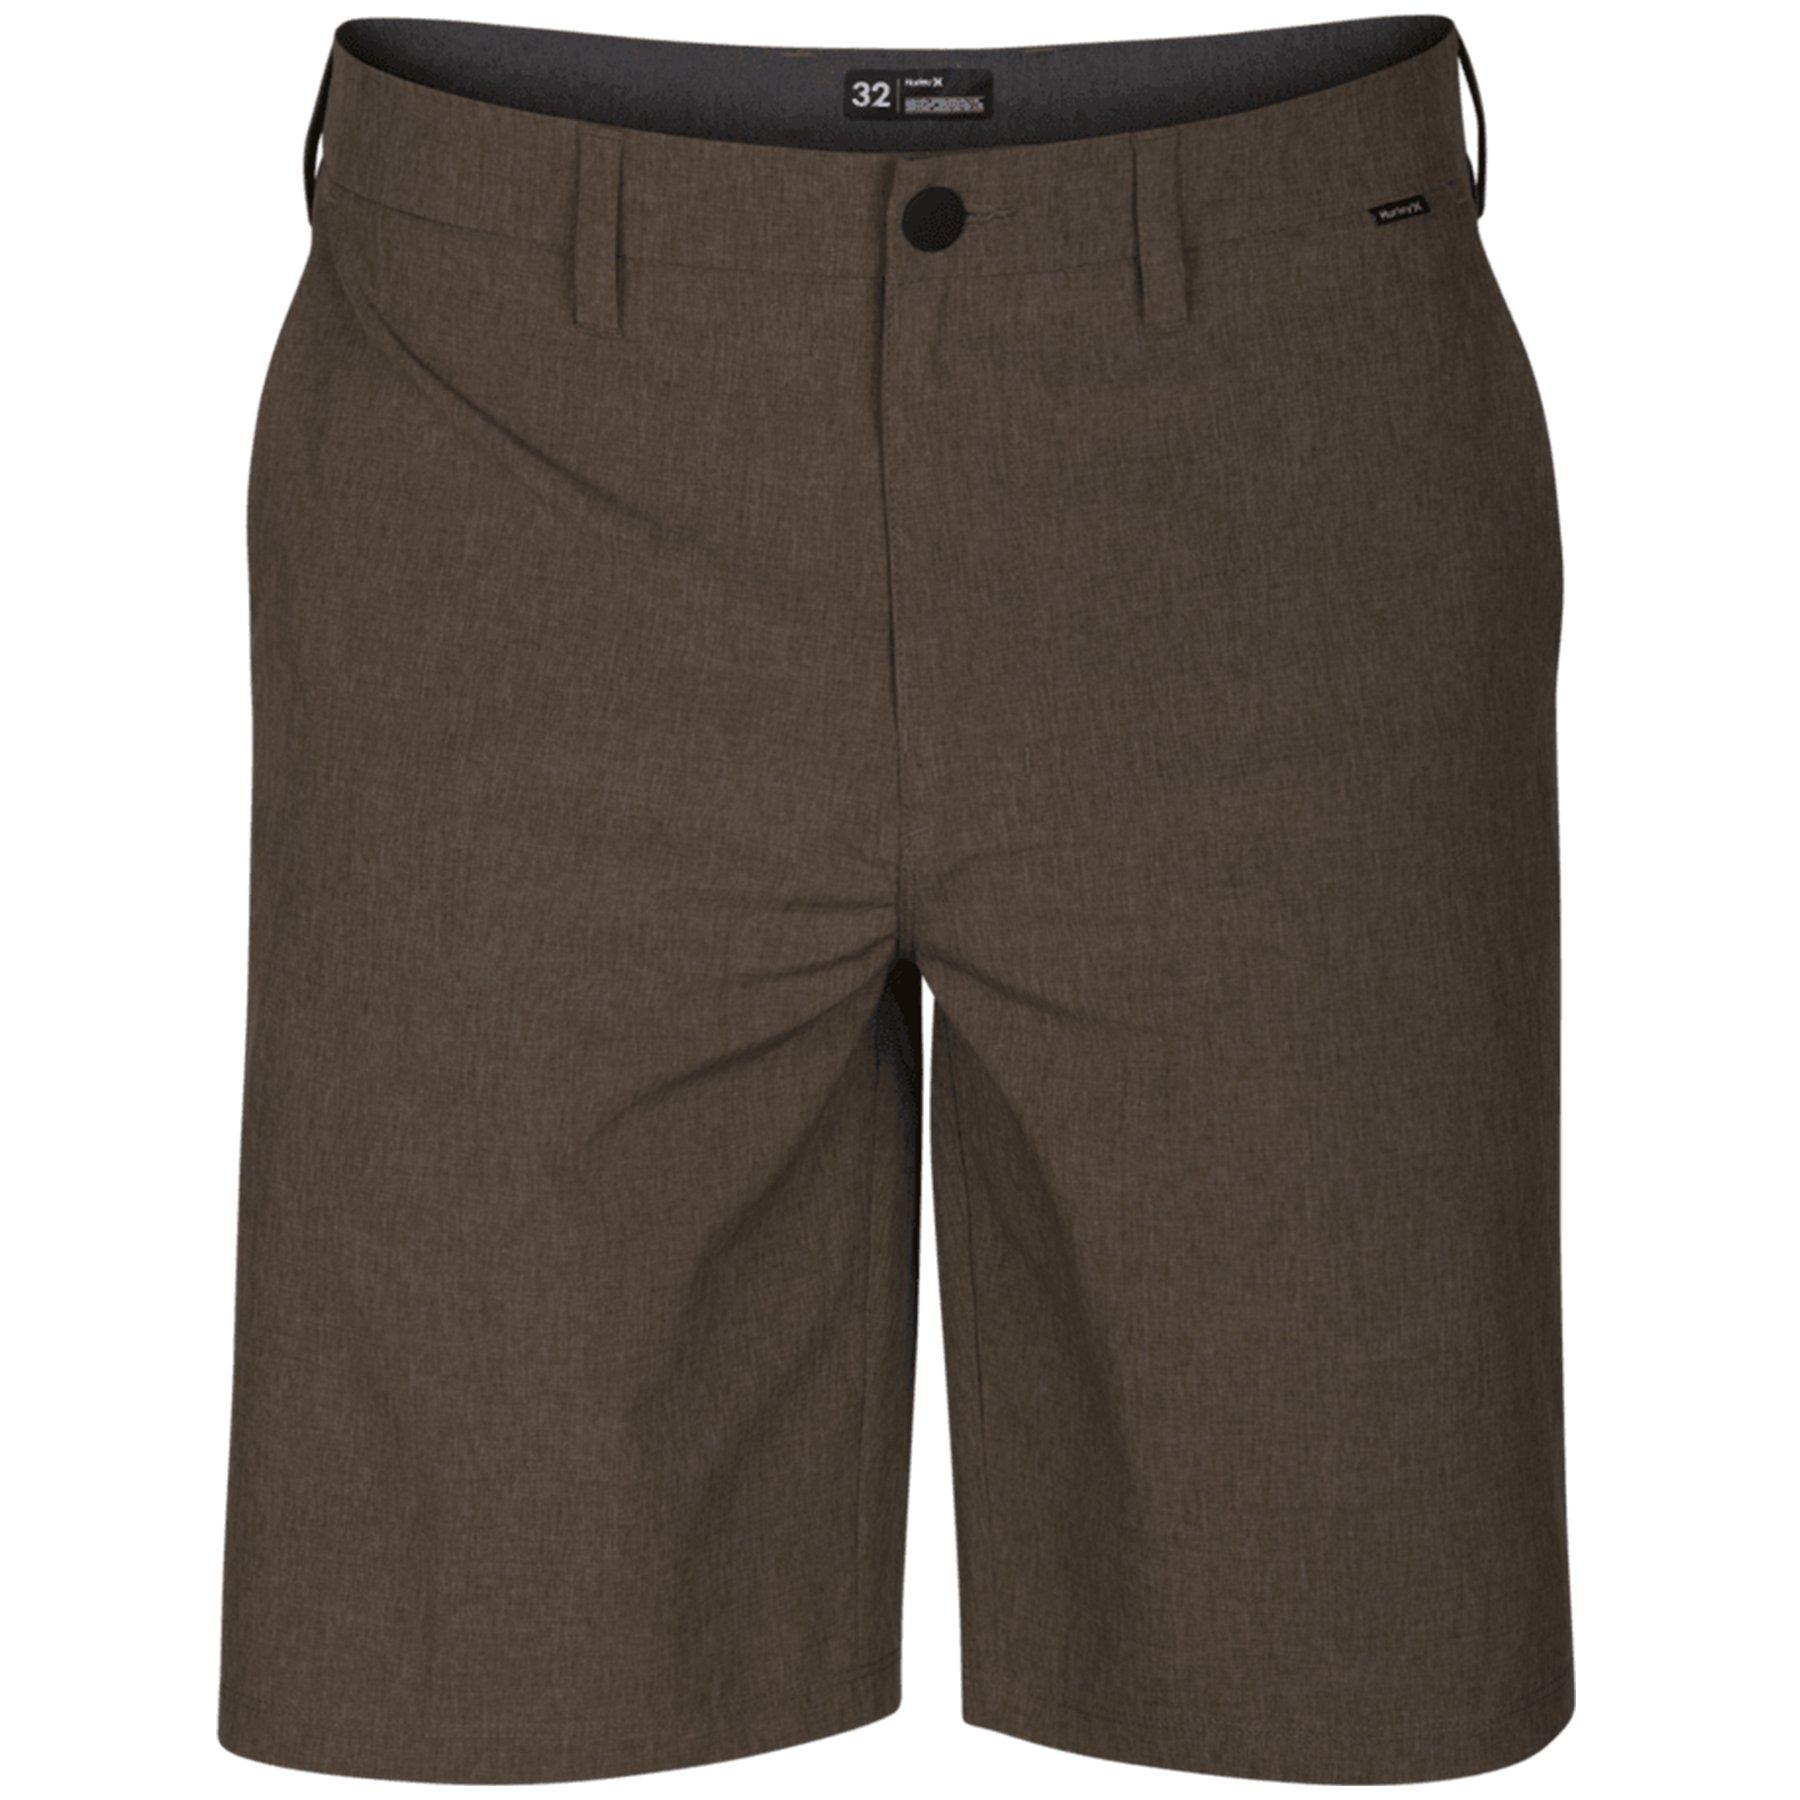 Hurley 895086 Men's Phantom Walkshort 20'' Short, Olive Canvas - 36